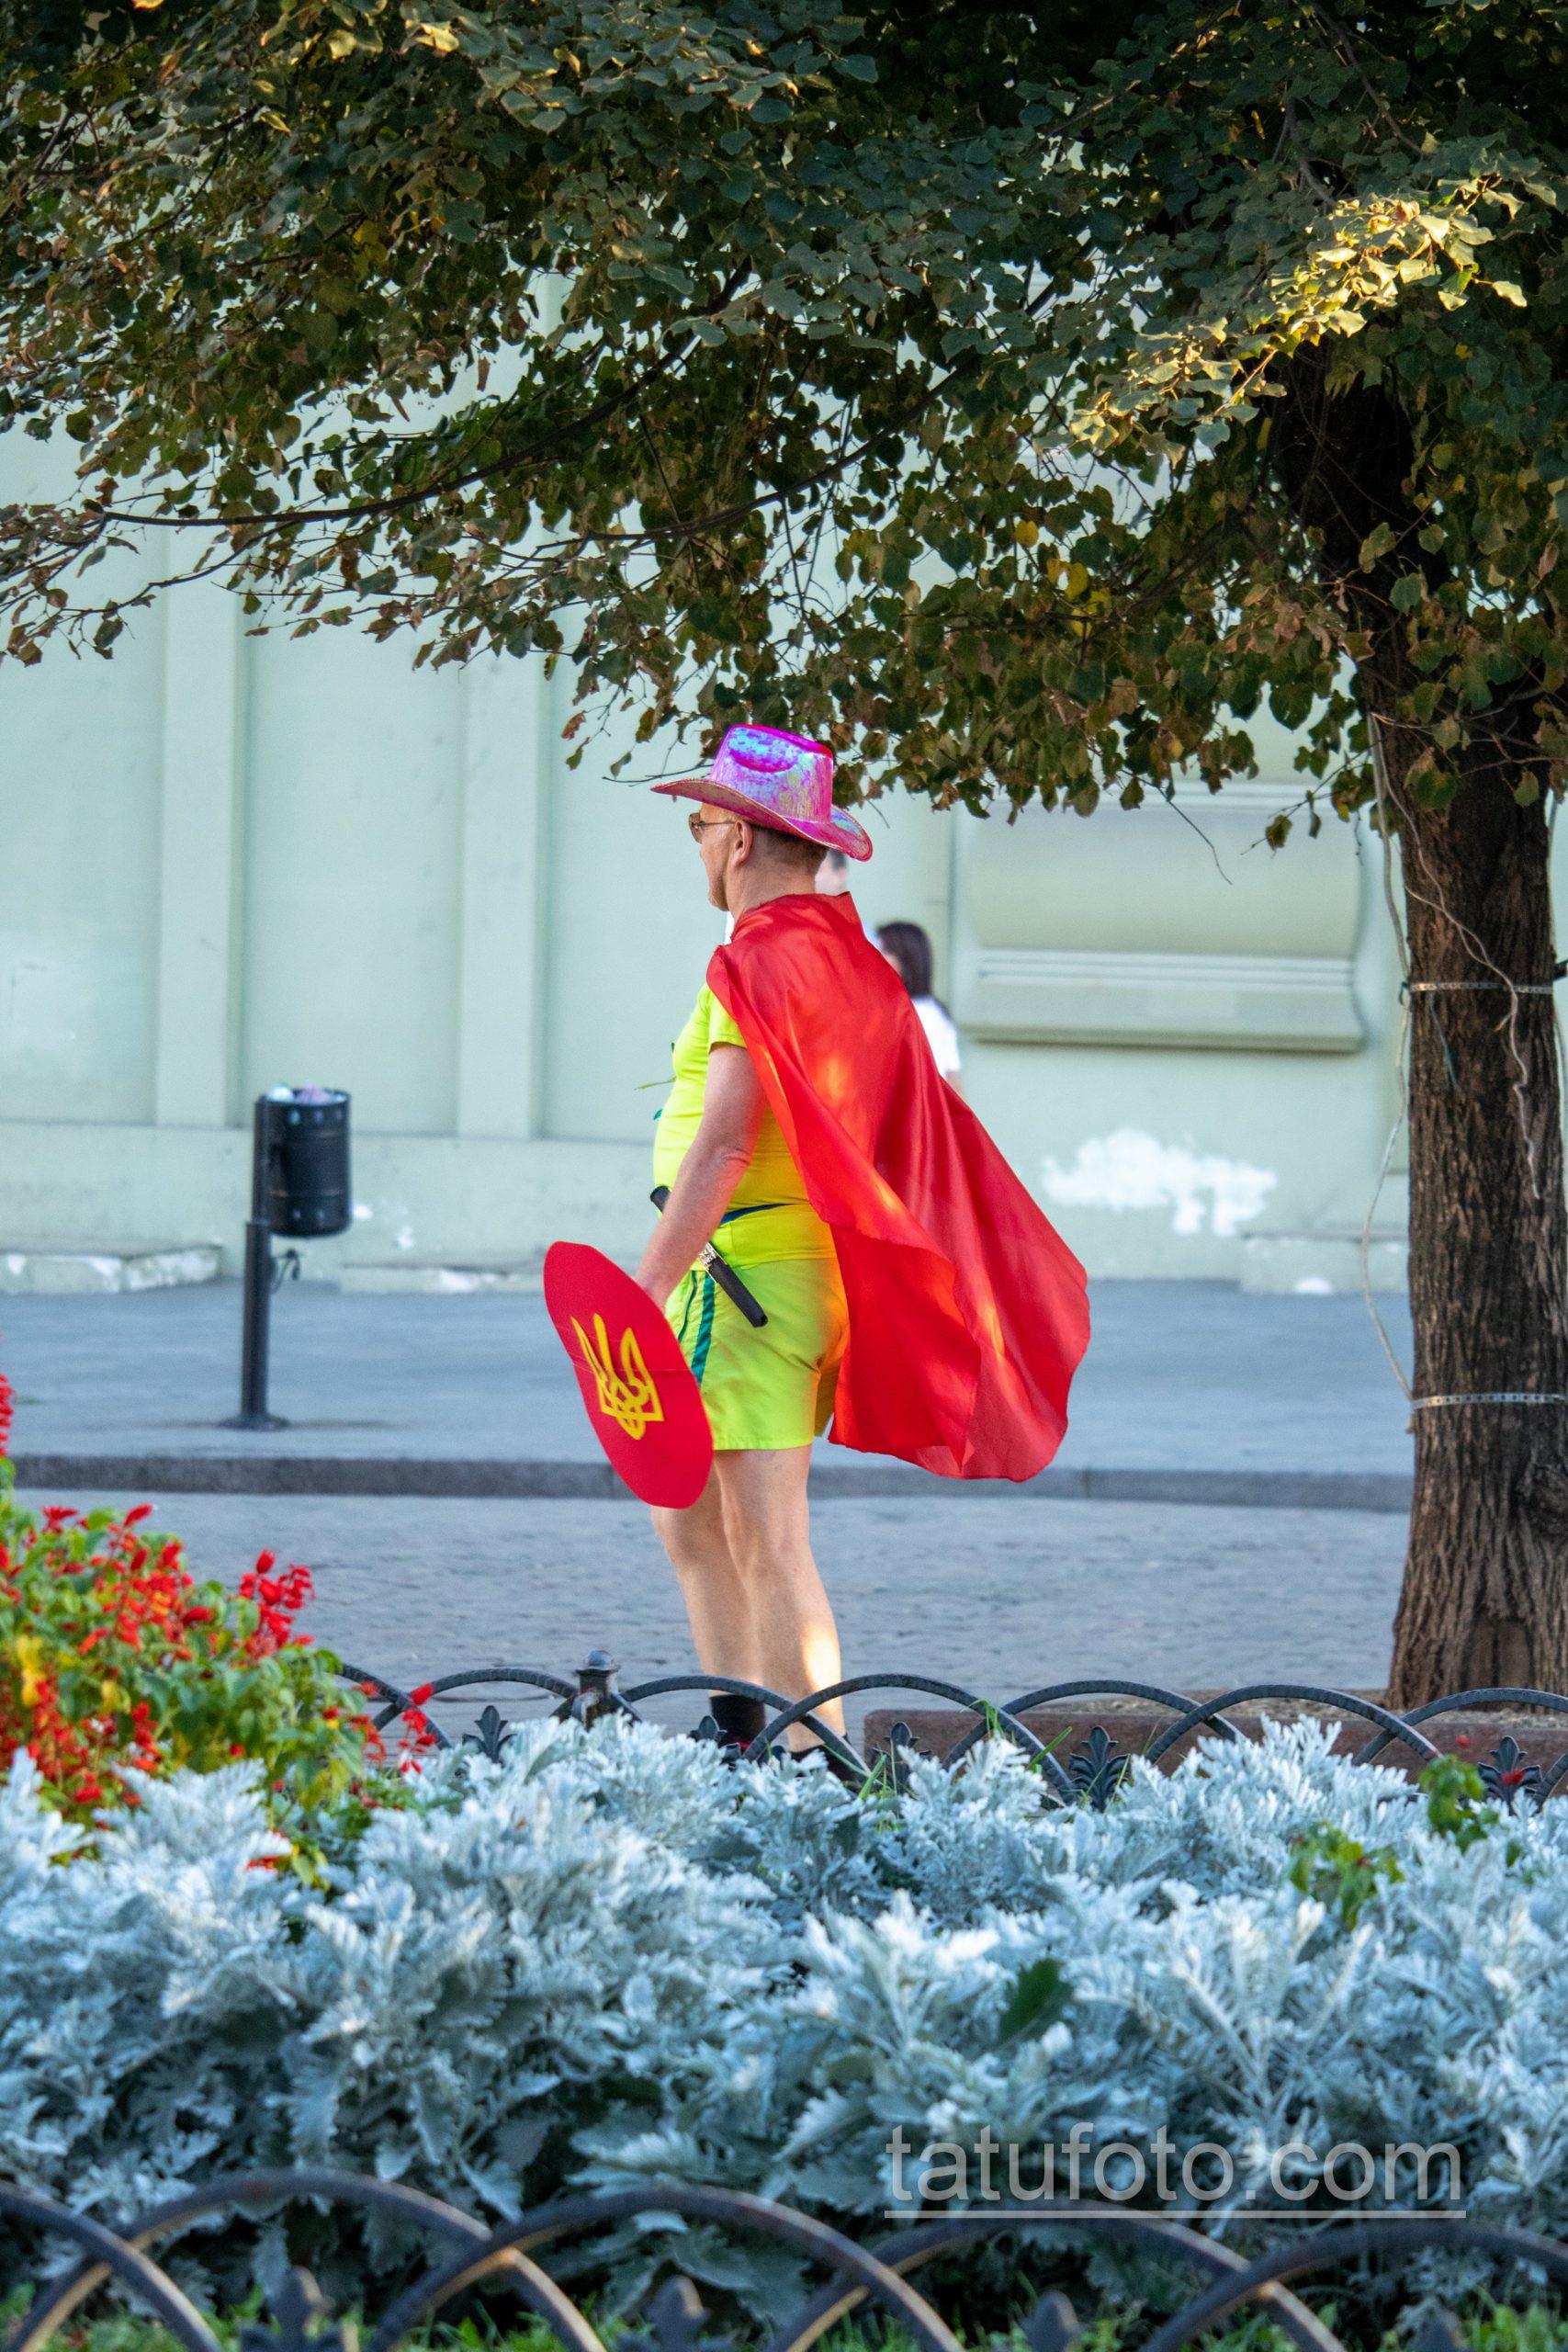 Фото мужчины в костюме героя с плащом и мечем – щитом с украинским гербом – Уличная татуировка 14.09.2020 – tatufoto.com 6